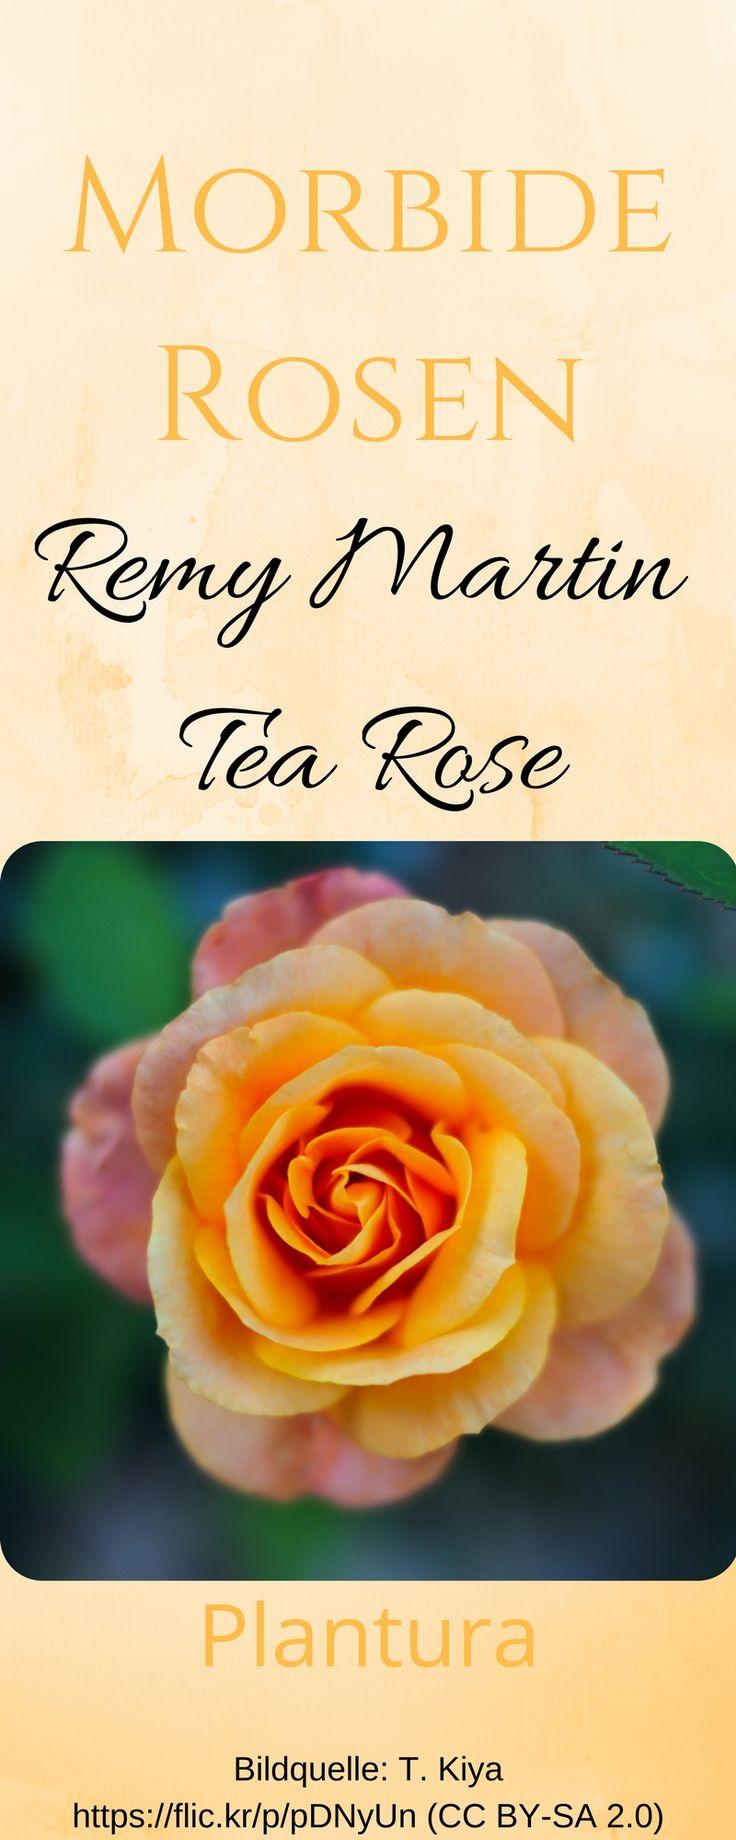 Die Rose Remy Martin Tea Rose Kann Schöne Orange Goldene, Fast Schon  Cognacfarbene Blüten